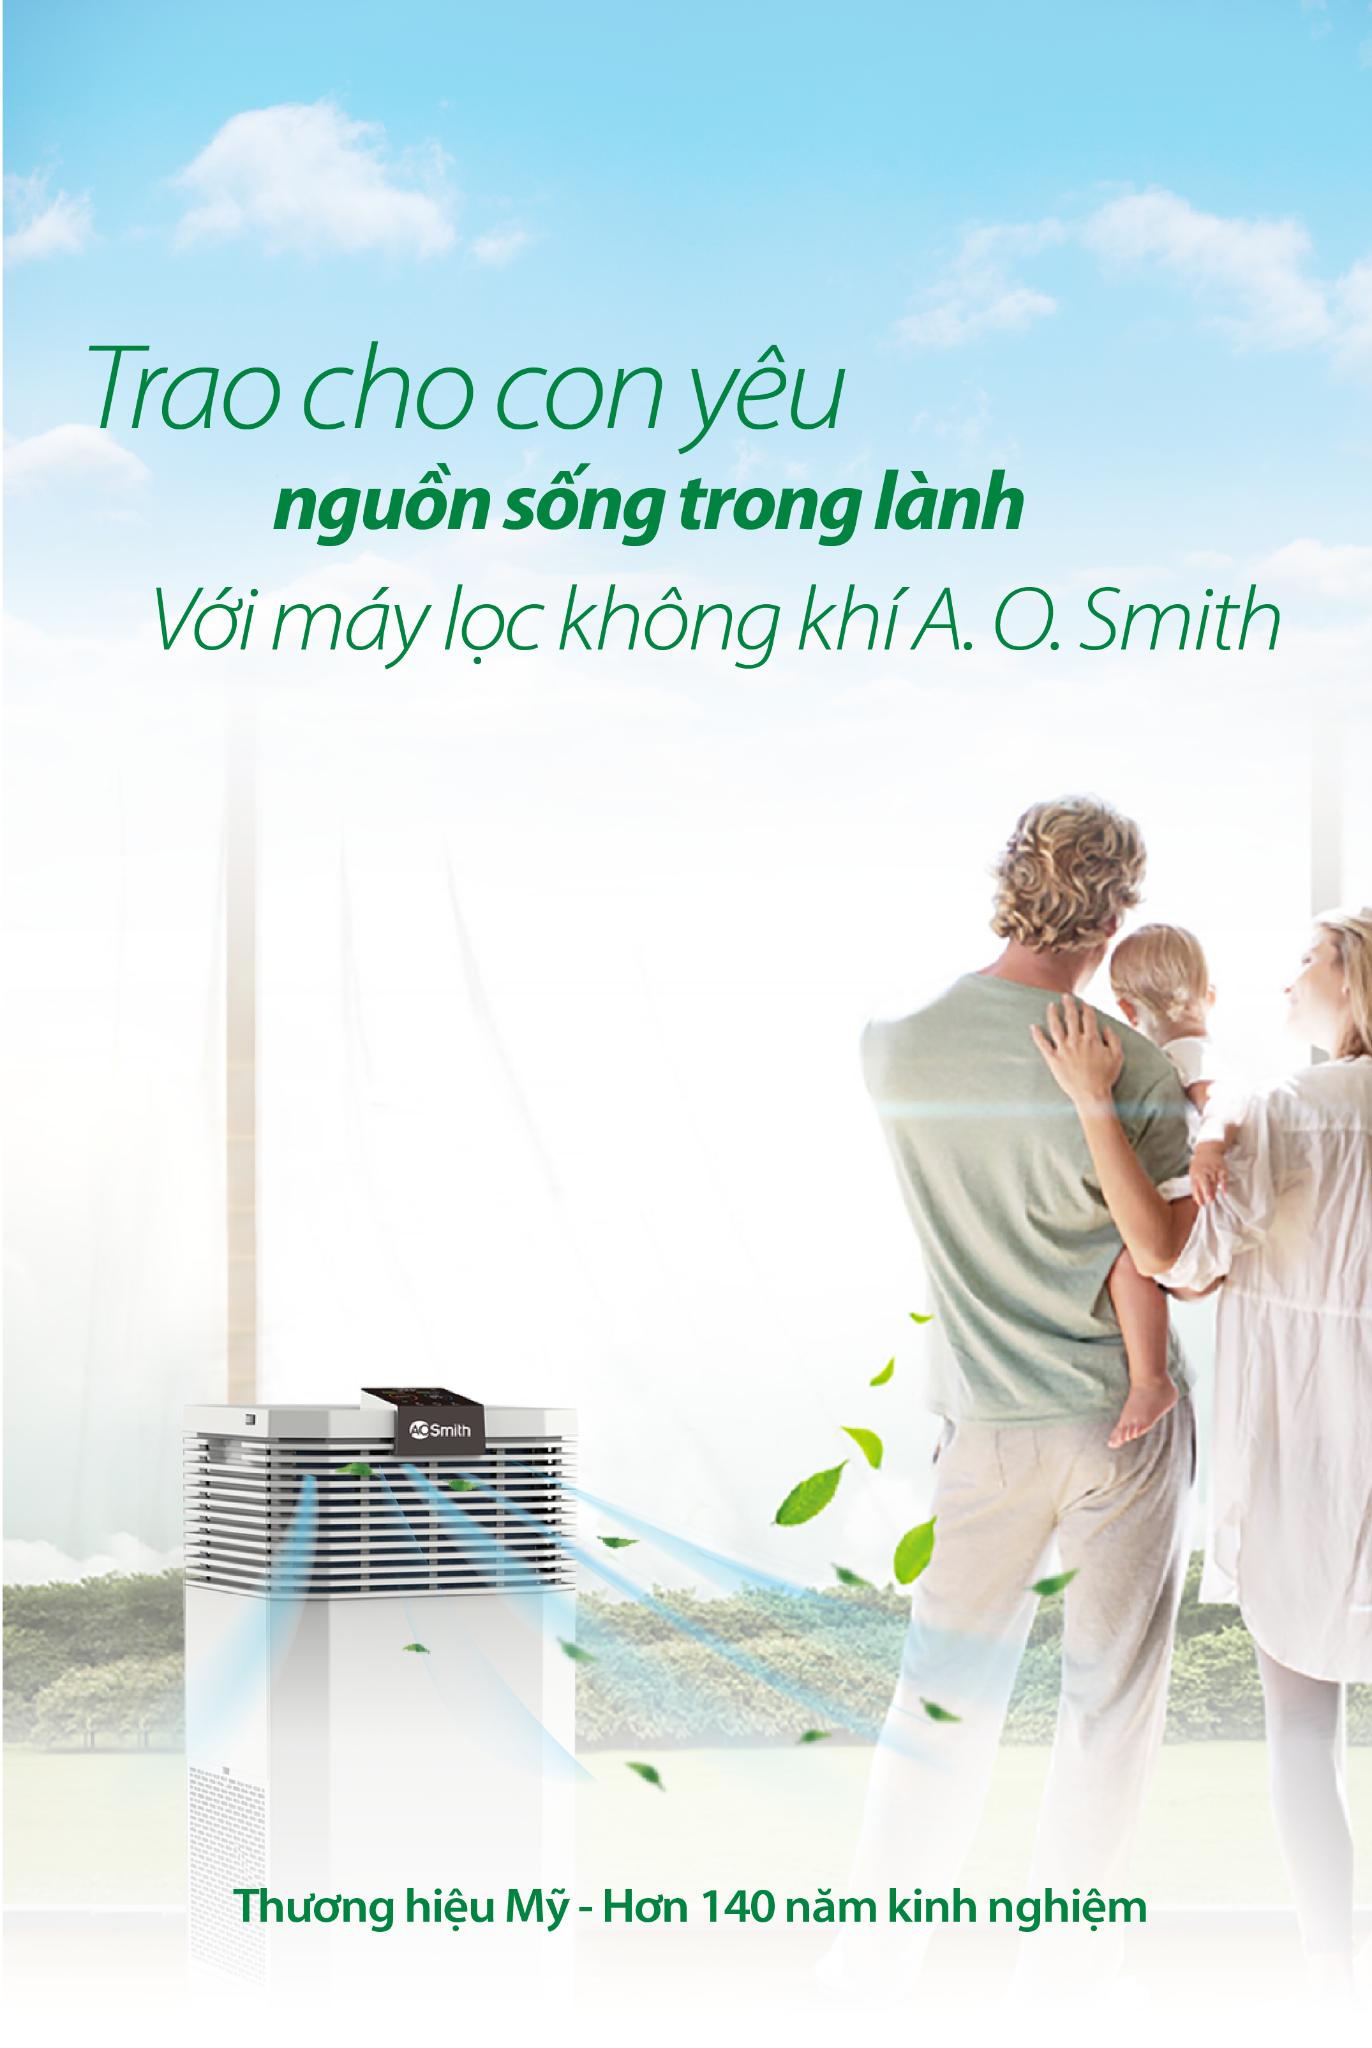 Trao cho con yêu - Nguồn sống trong lành - Với máy lọc không khí A.O.Smith